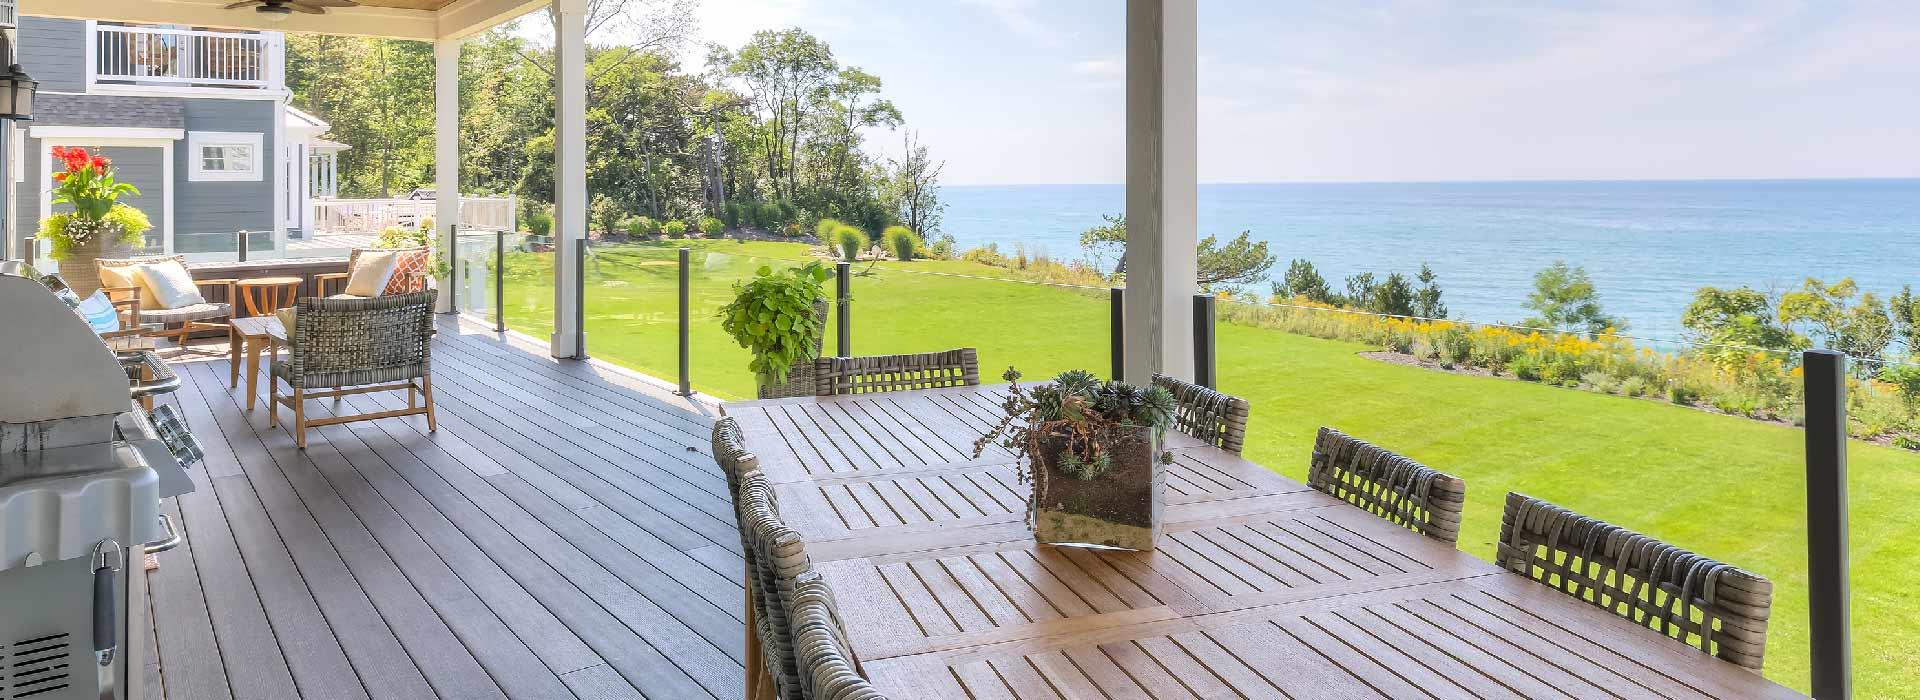 South Haven Vacation Rentals - Shores Vacation Rentals